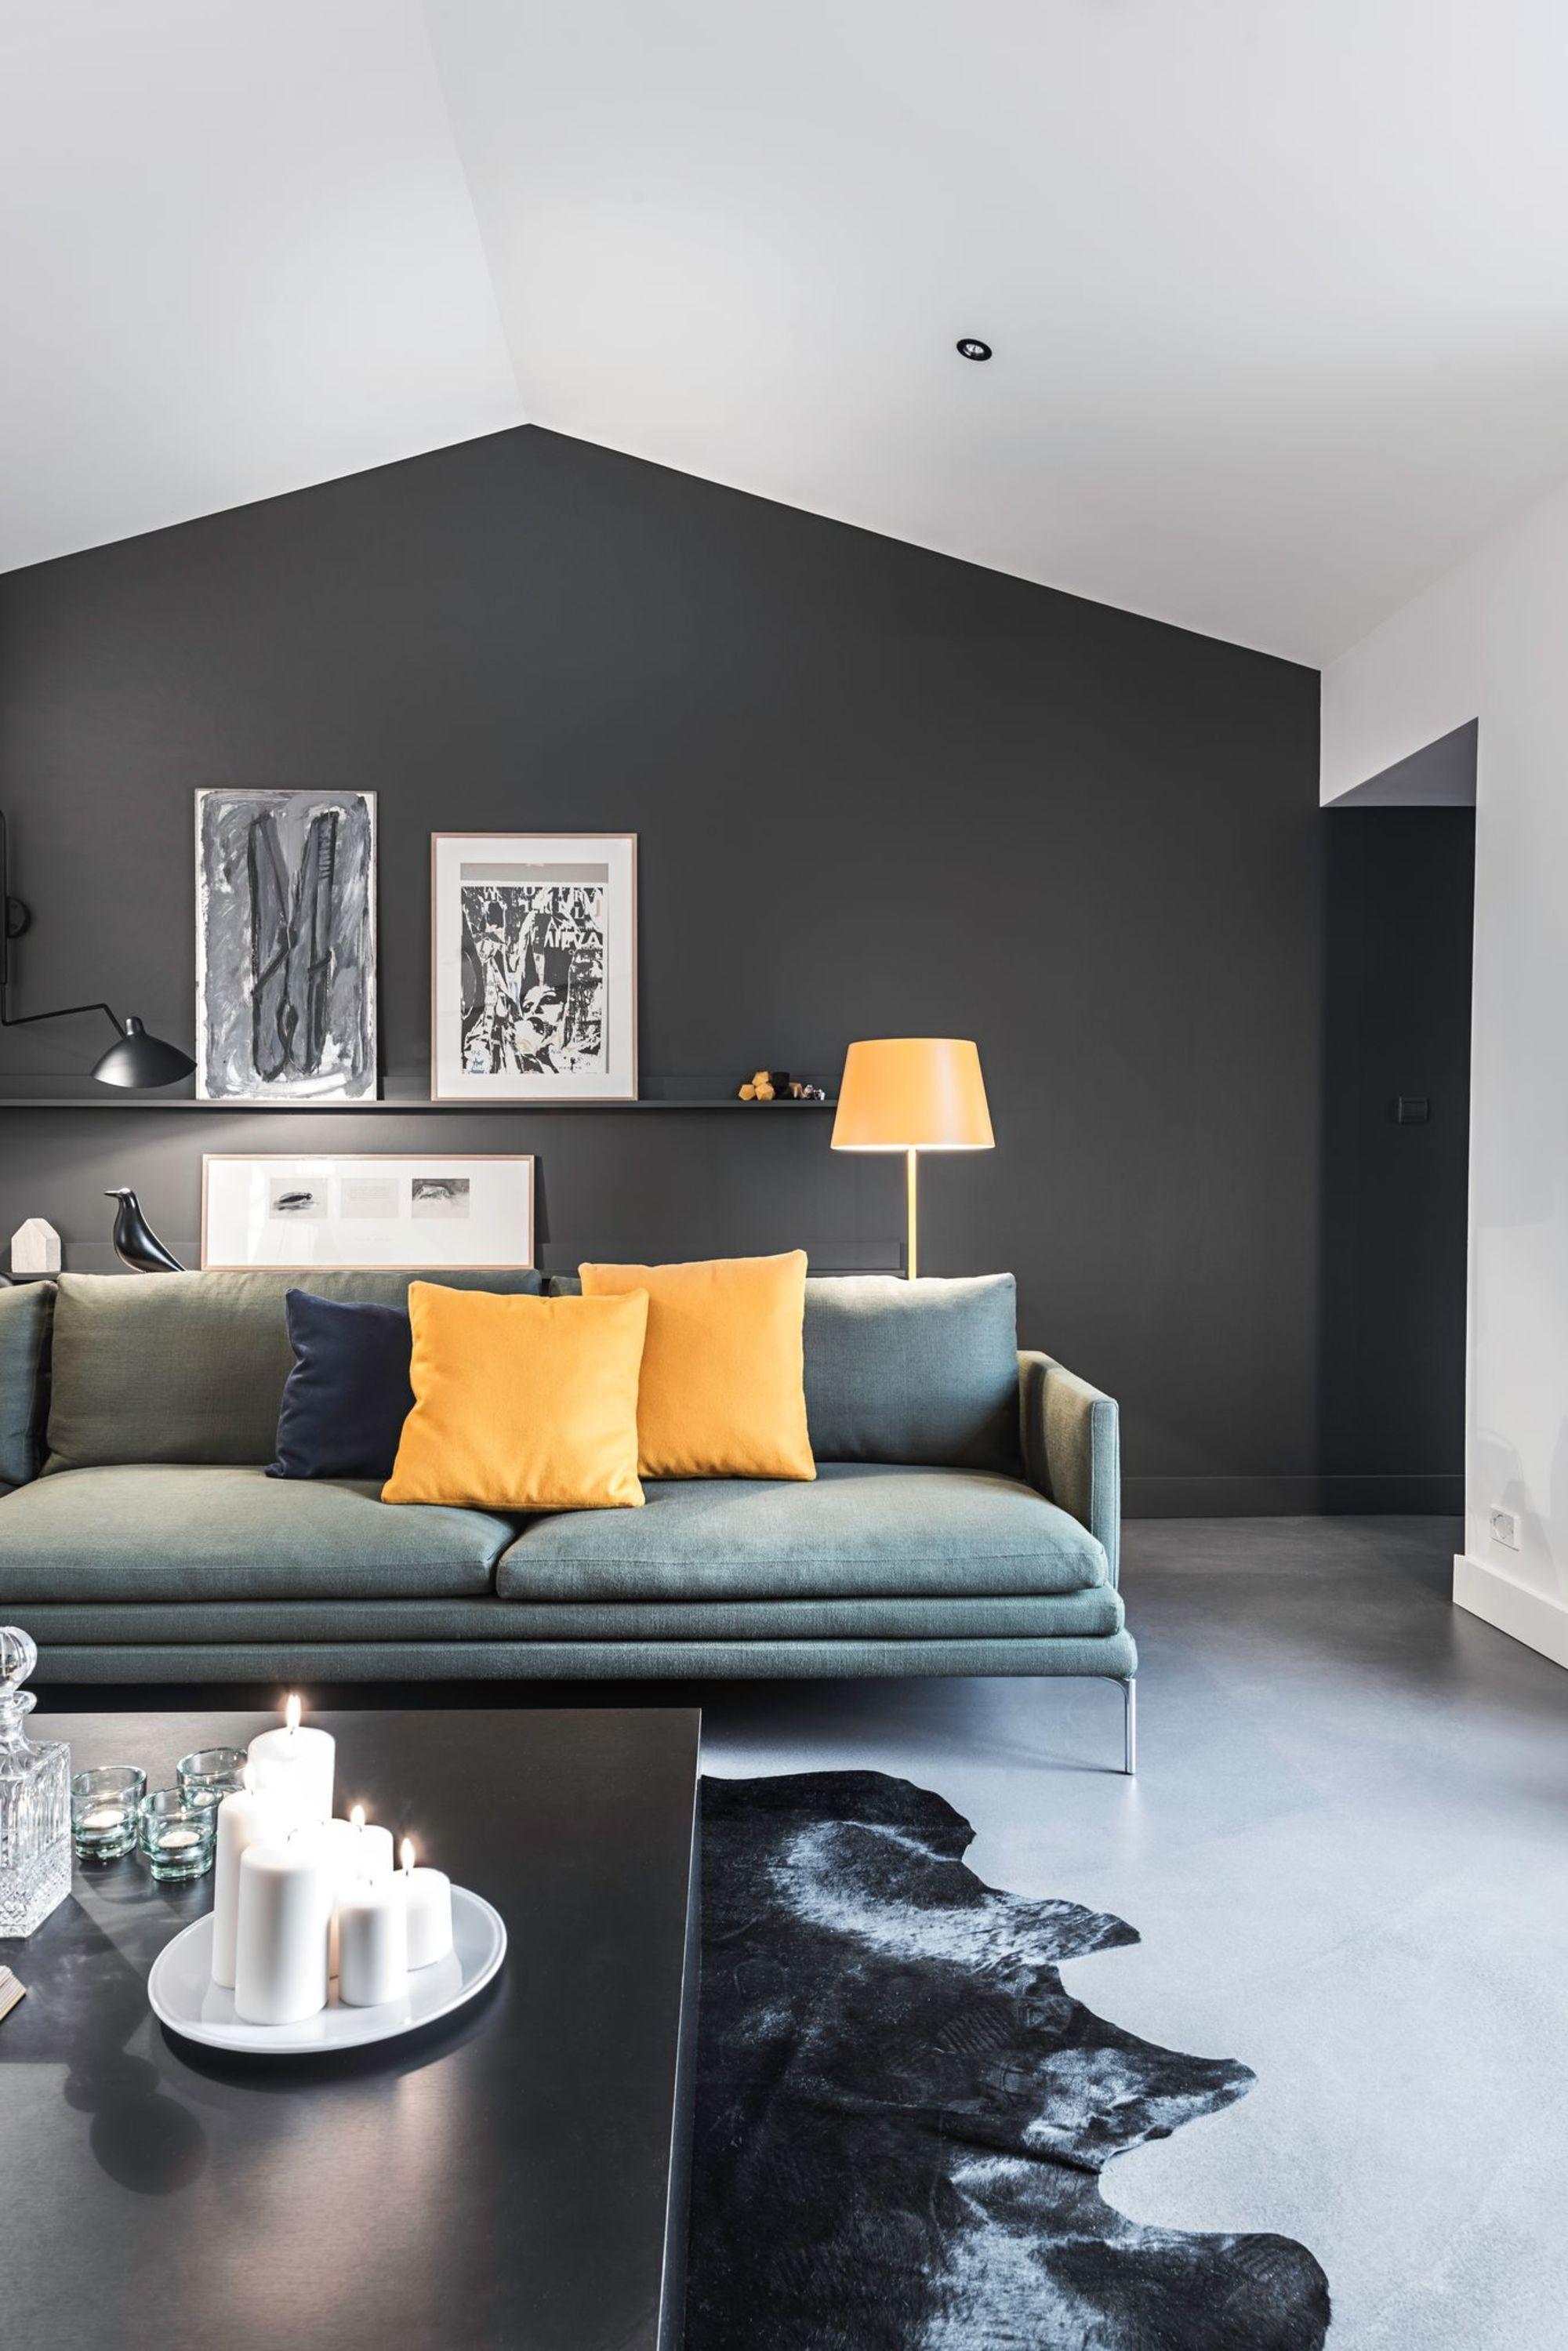 maison long re contemporaine de 180 m2 nantes black painted walls salons and yellow pillows. Black Bedroom Furniture Sets. Home Design Ideas